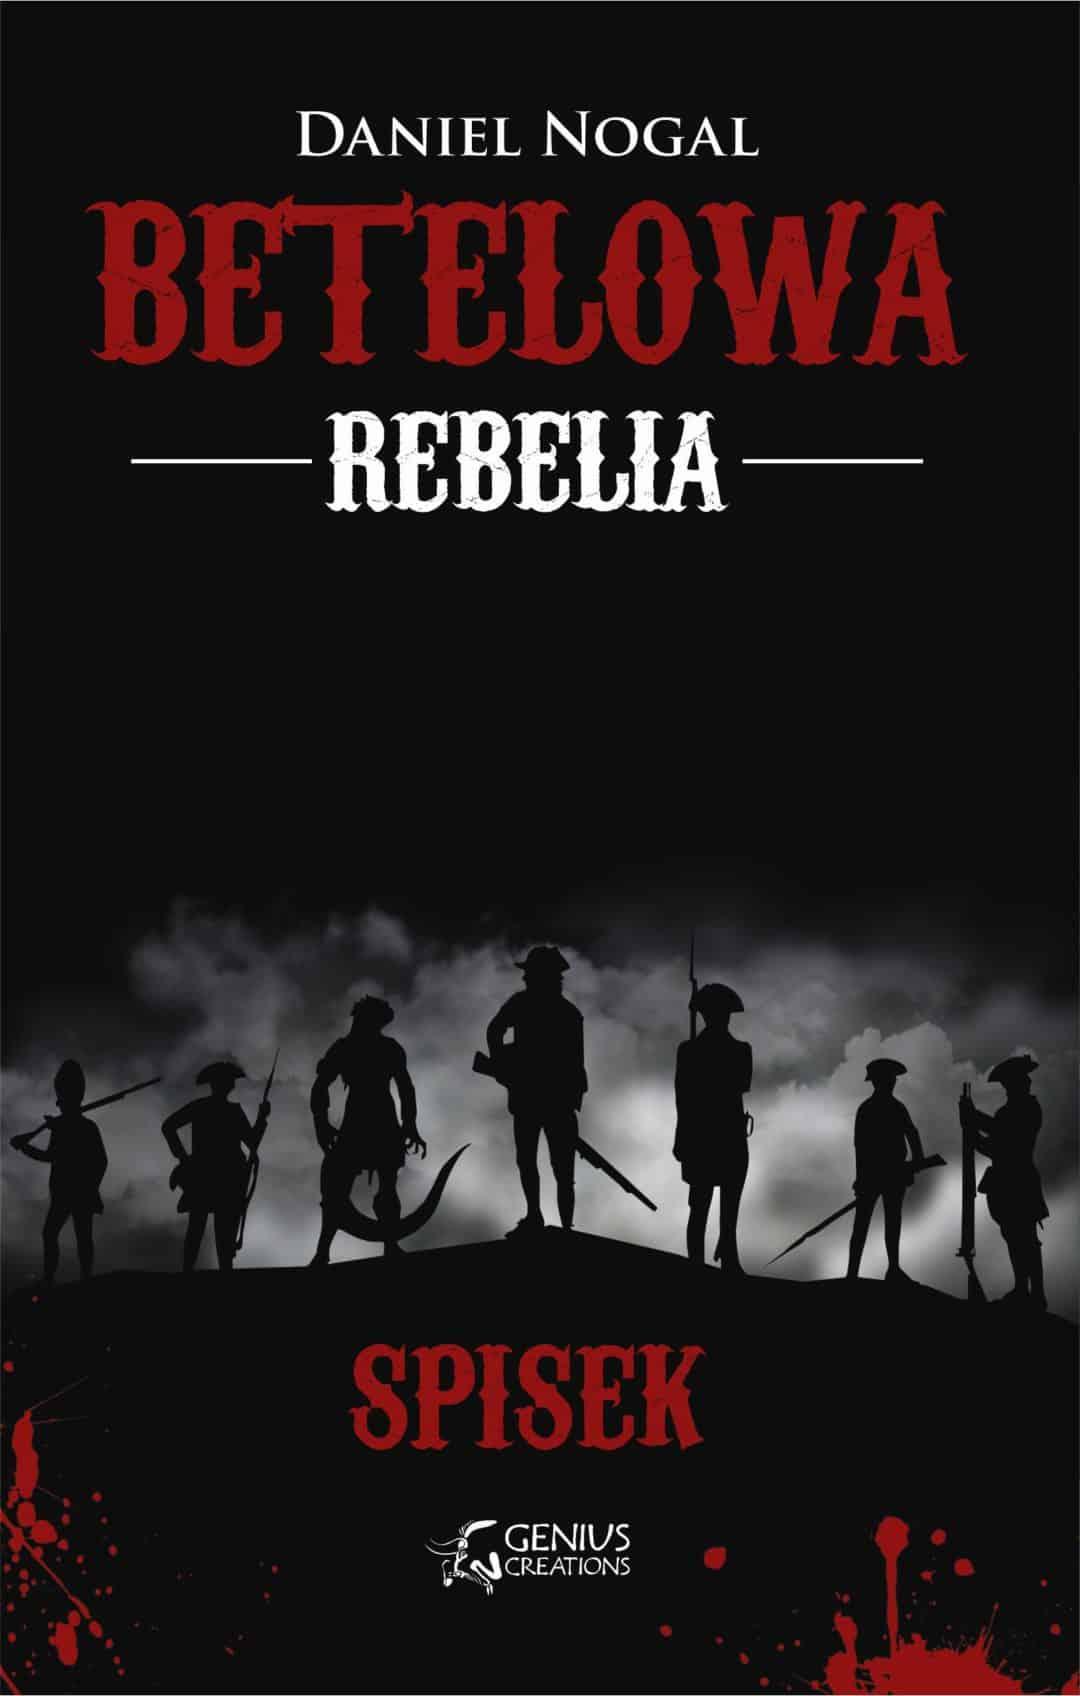 Betelowa rebelia: Spisek – Daniel Nogal